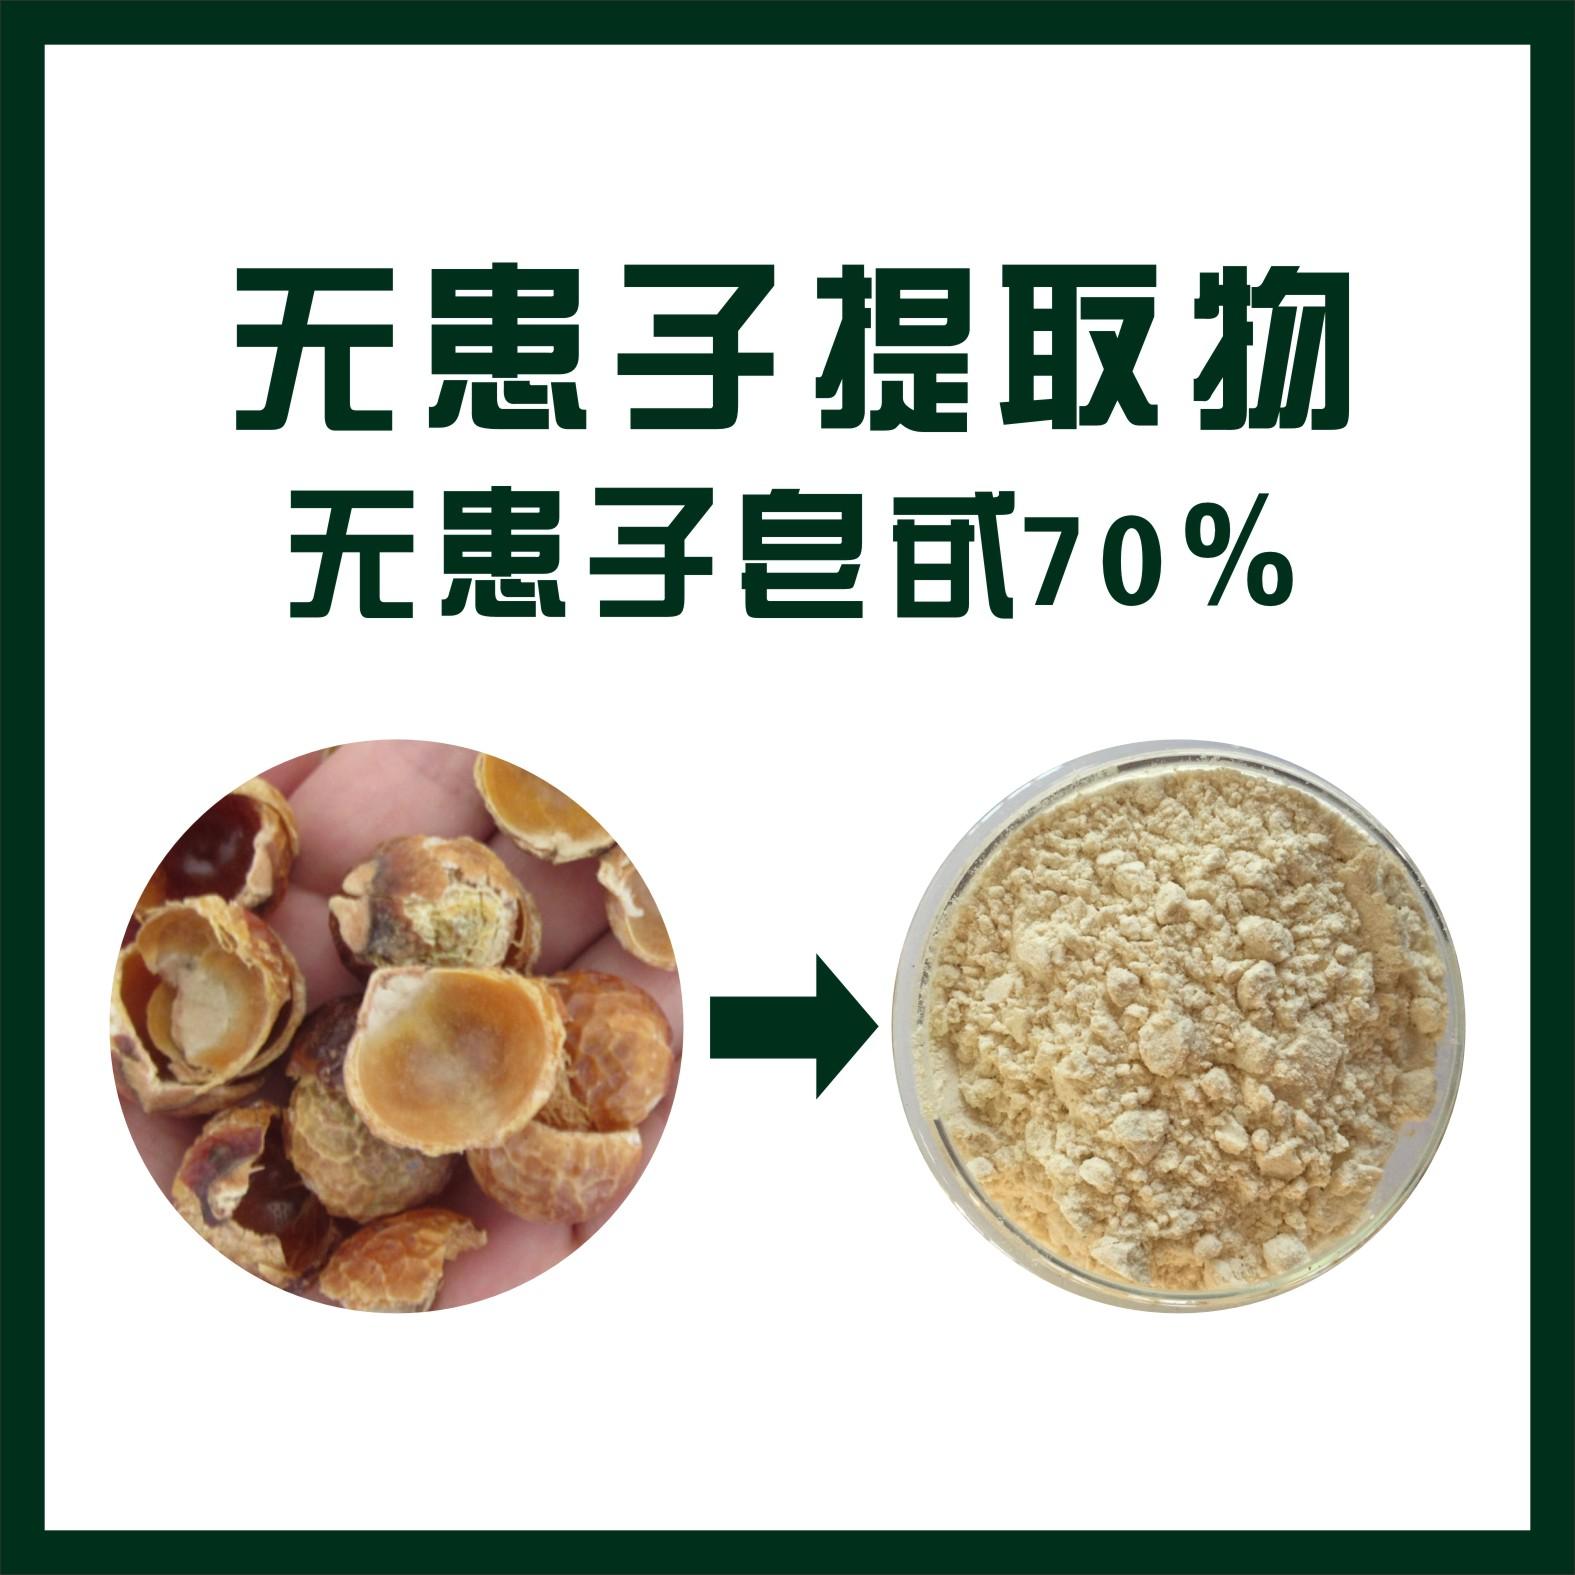 专业厂家生产无患子提取物 无患子皂甙70% 洗涤用品原料 发泡济